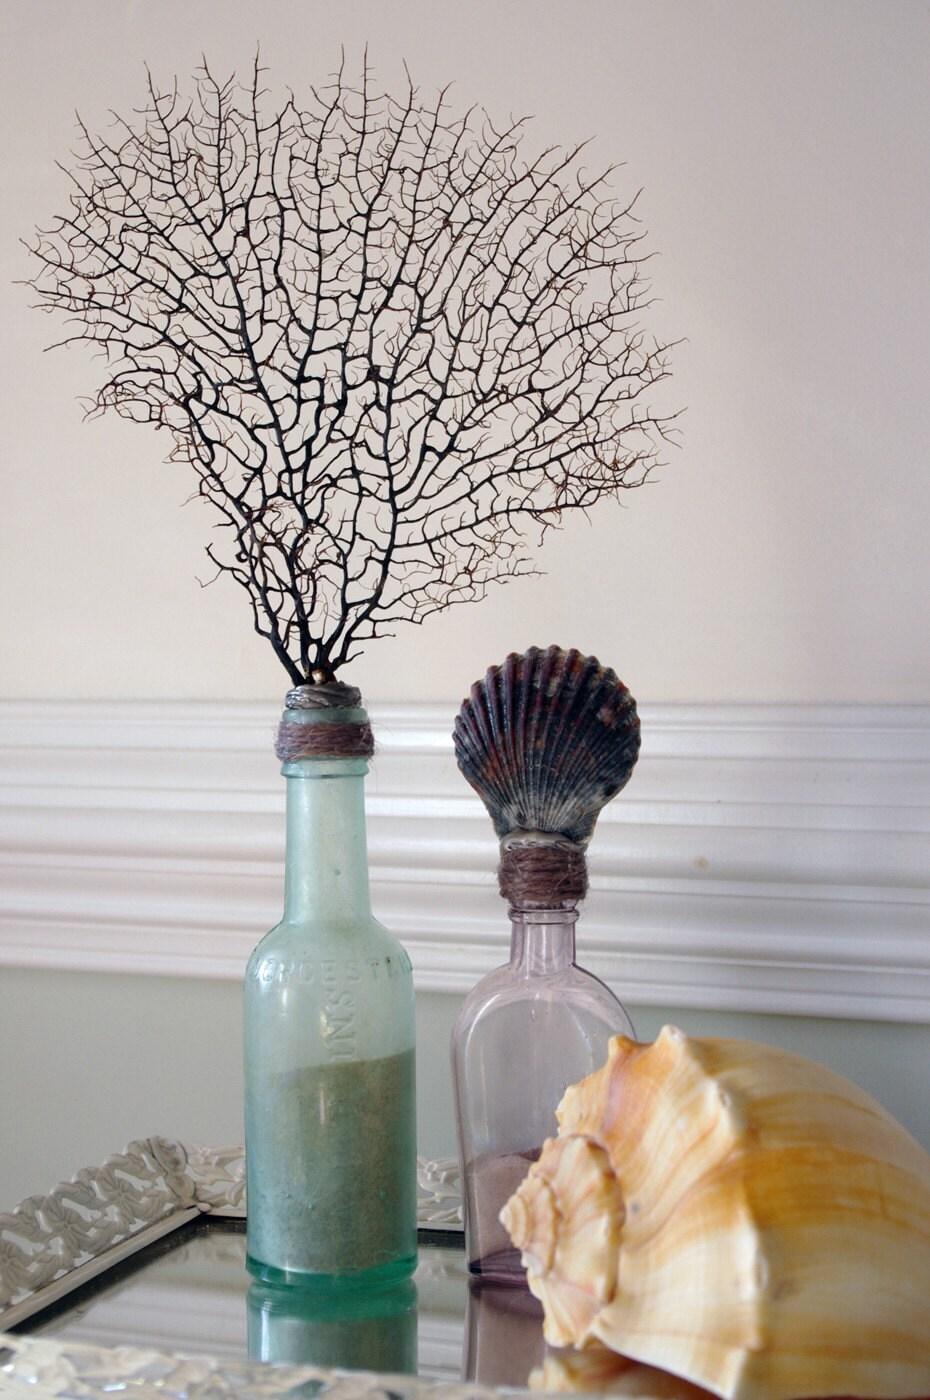 Vintage Aqua Glass Bottle with Black Sea Fan